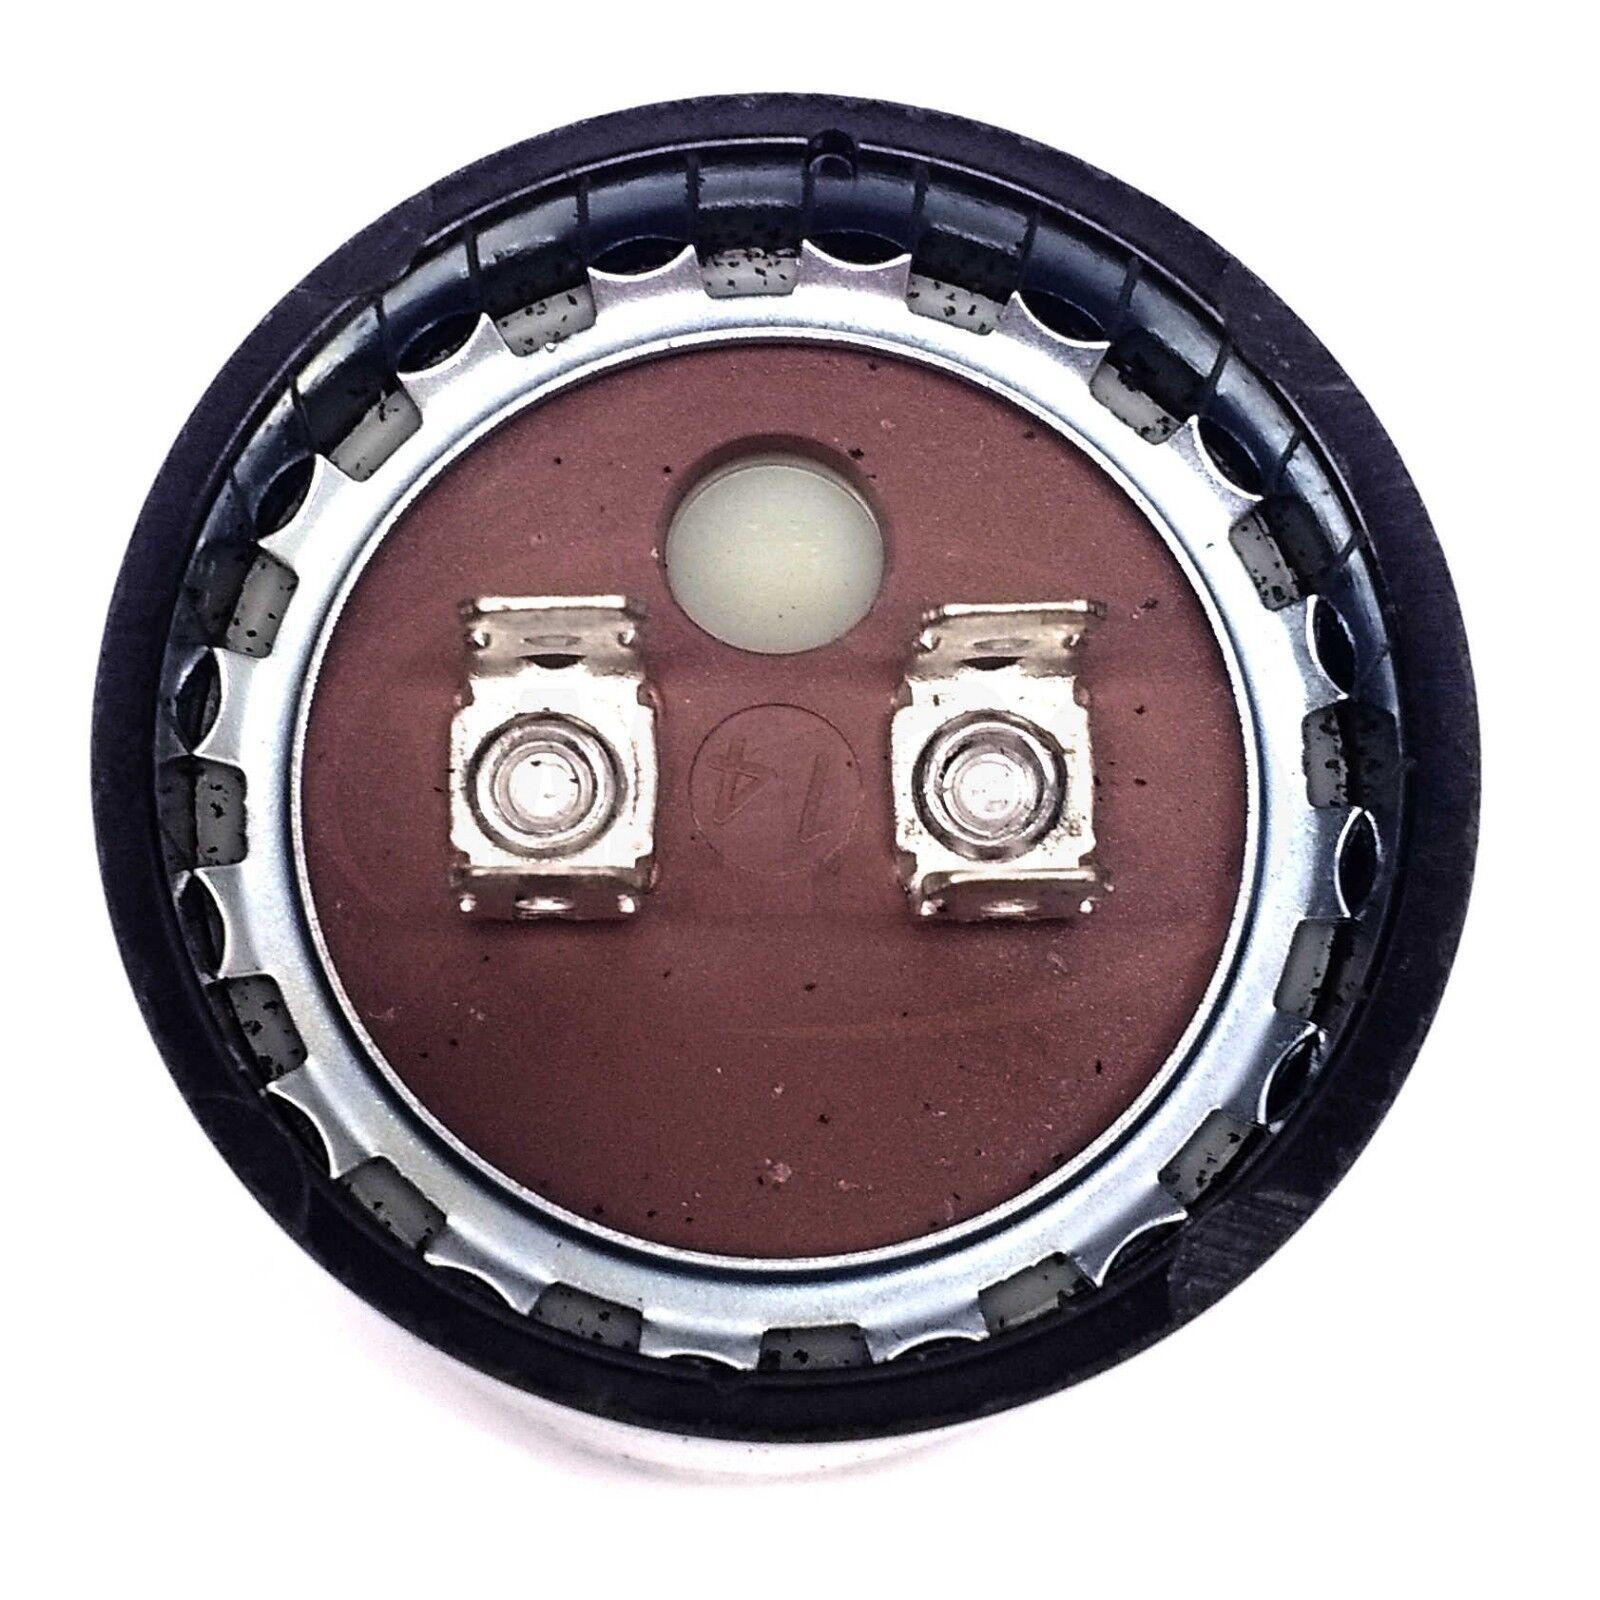 Vanguard Motor Starting Capacitor Bc-460 460-552 MFD 110/125 VAC | eBay